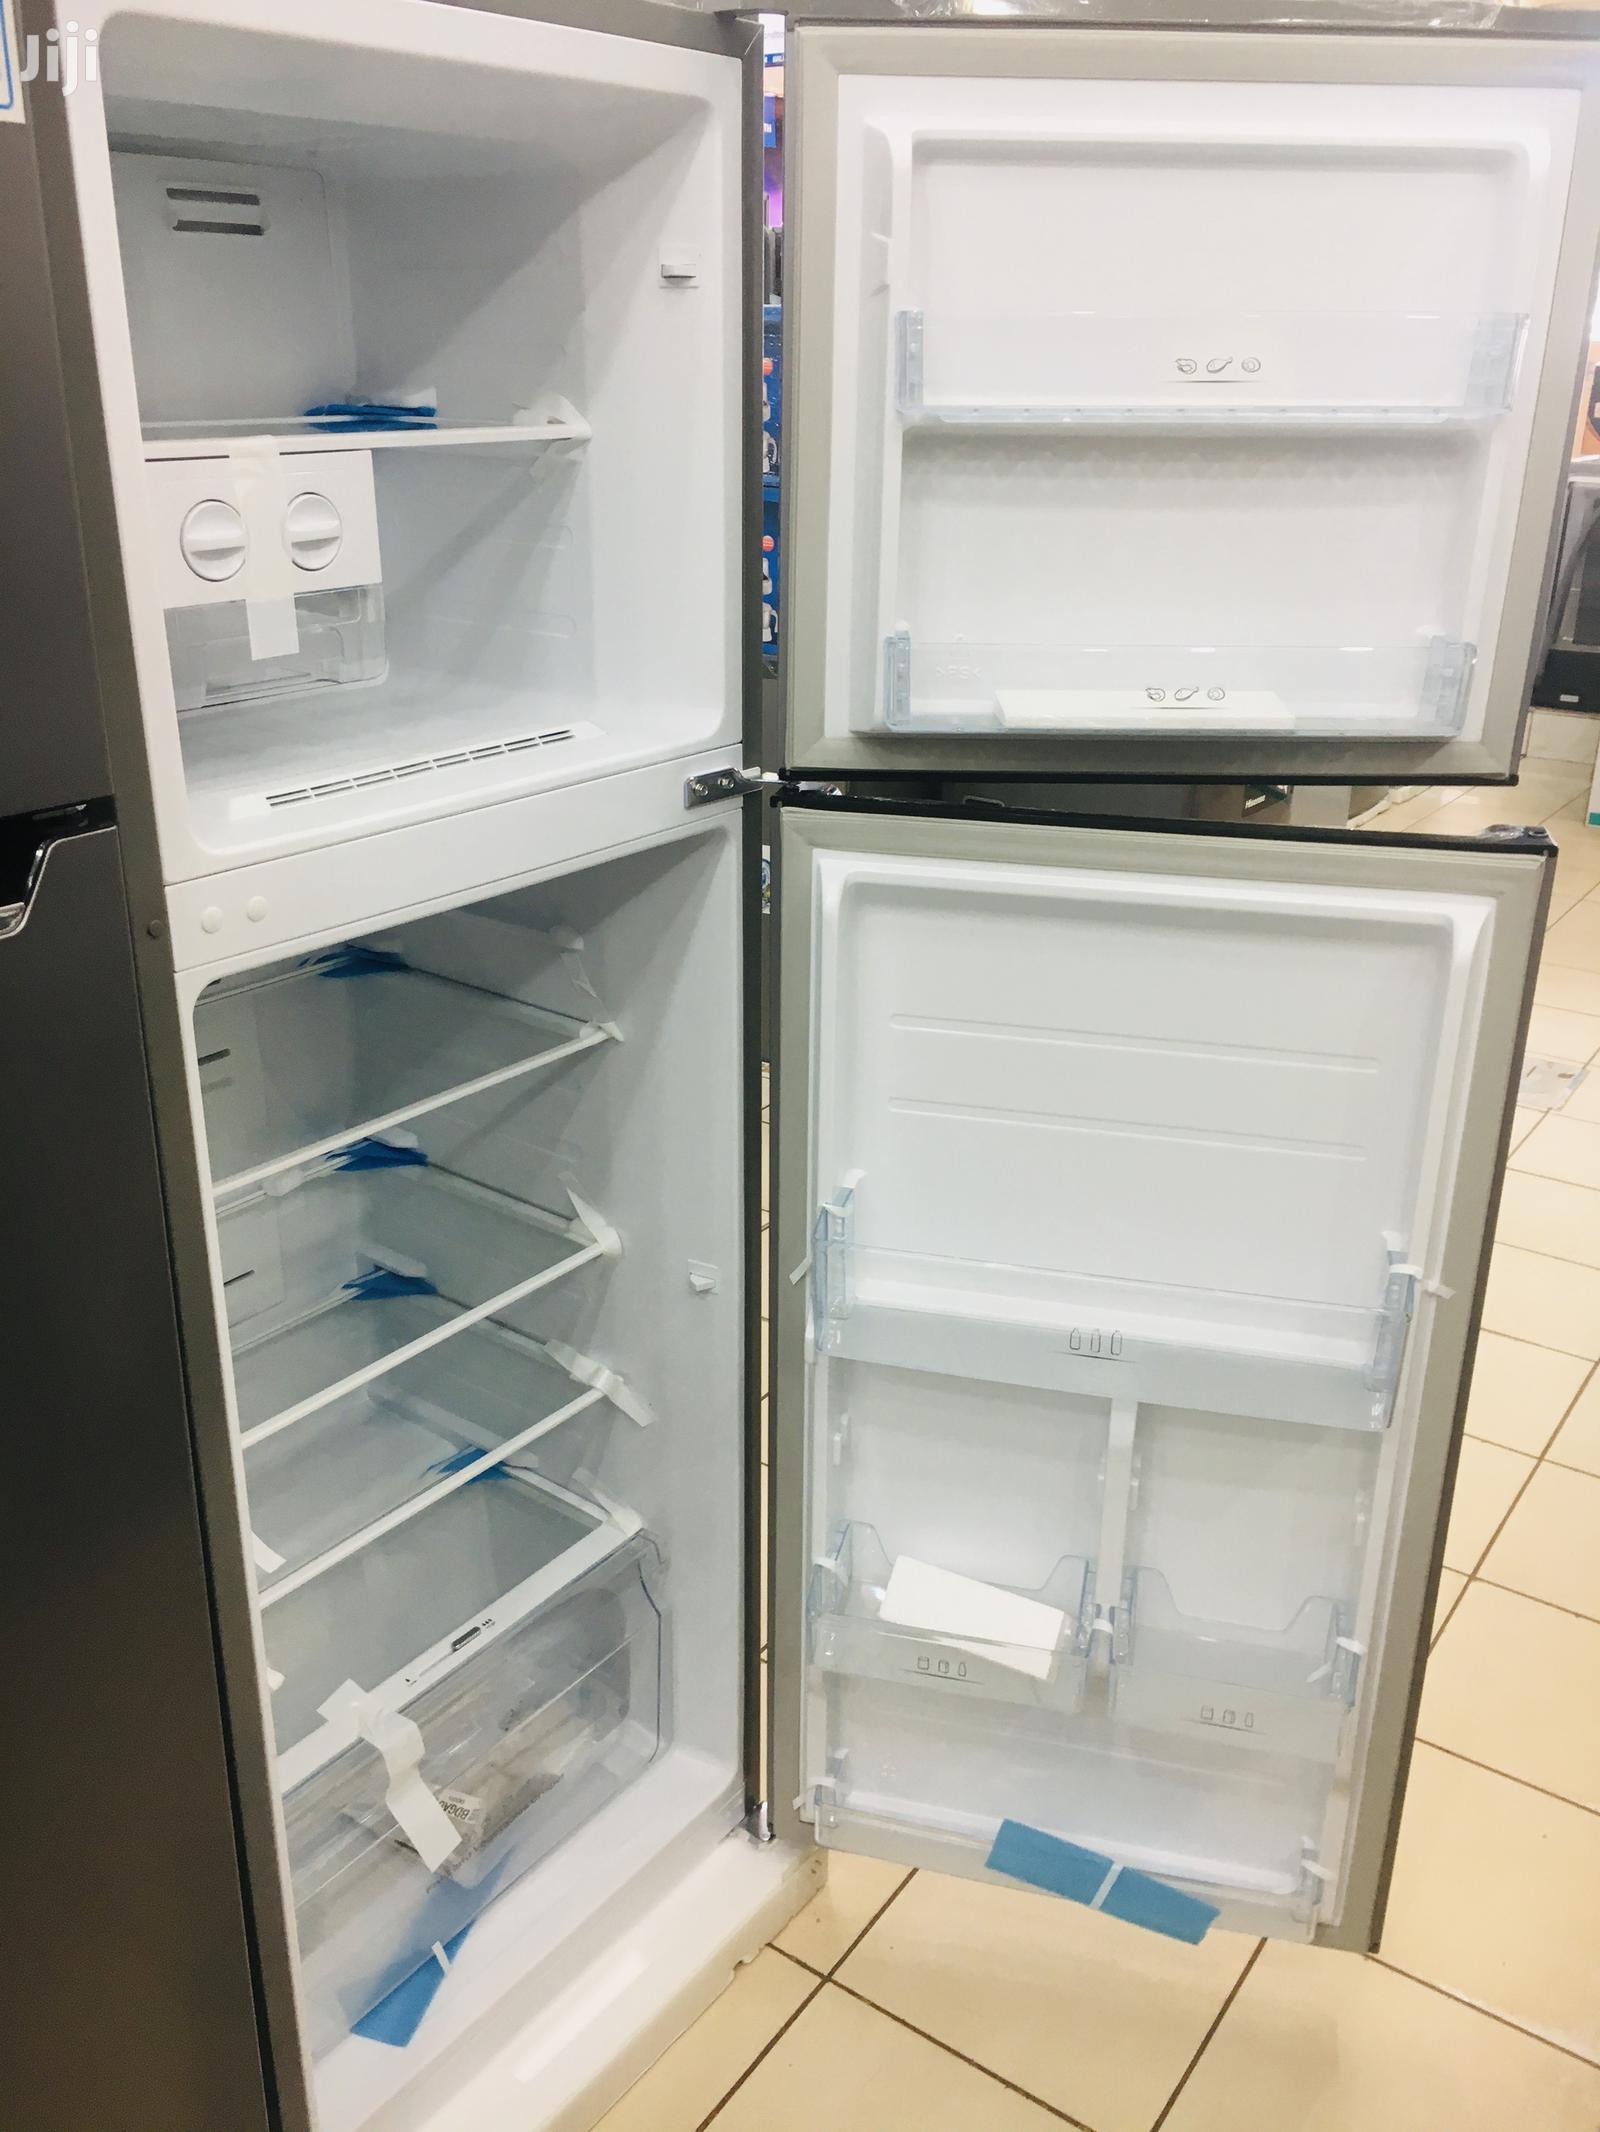 Hisense 295 Litres Double Door Refrigerator Frost Free